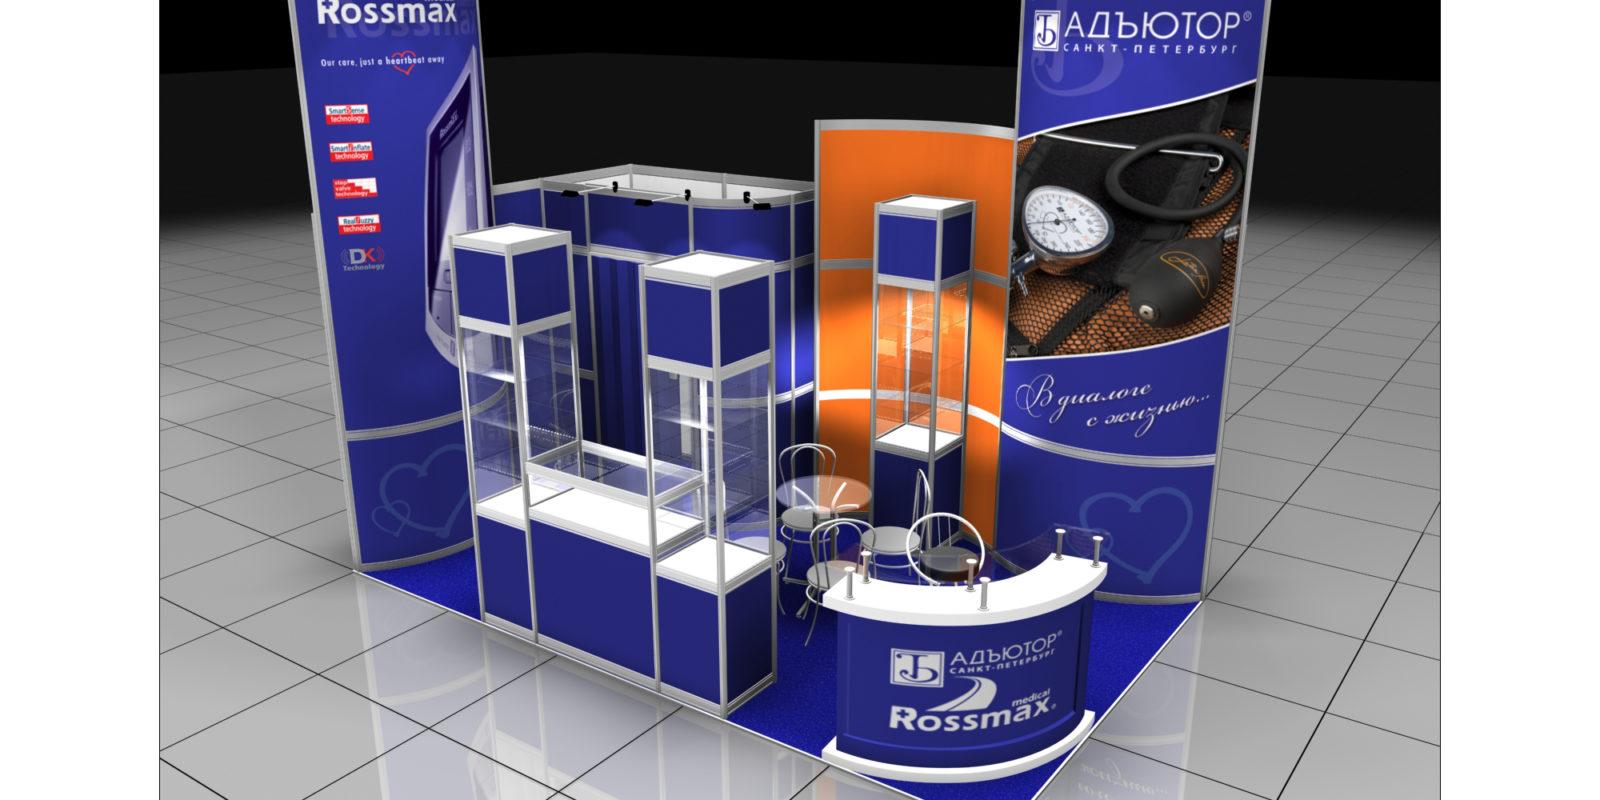 Дизайн проект выставочного стенда Адьютор